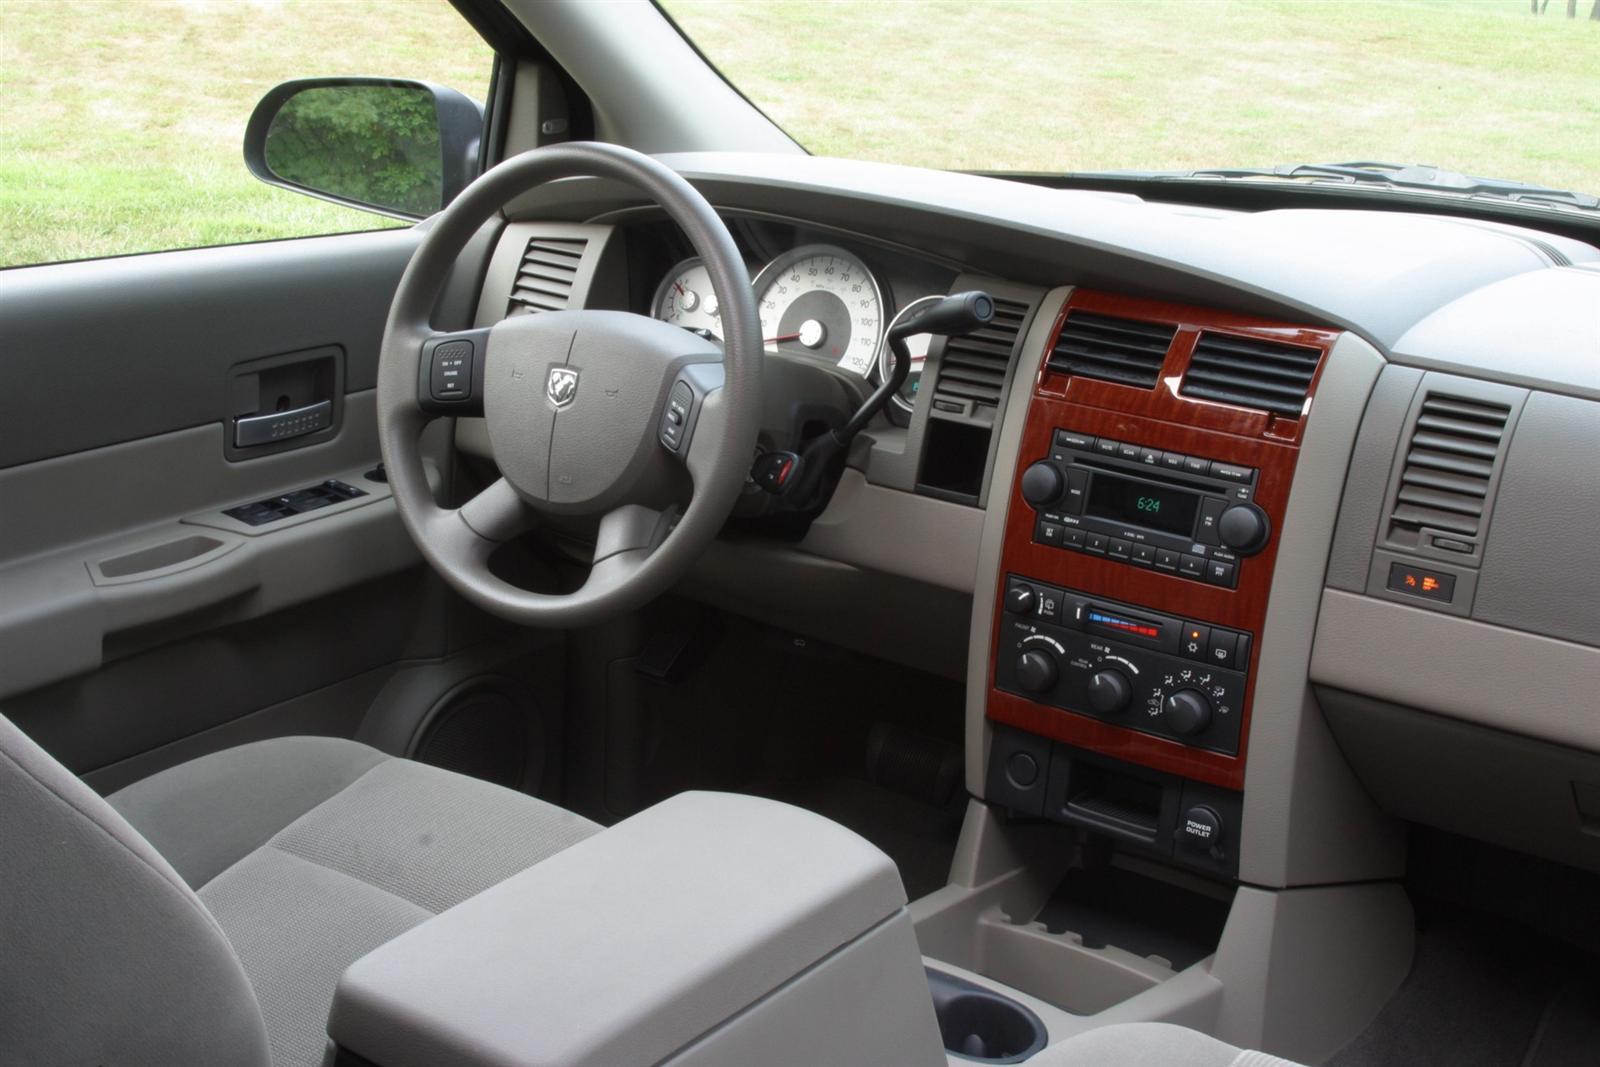 2004 Dodge Durango